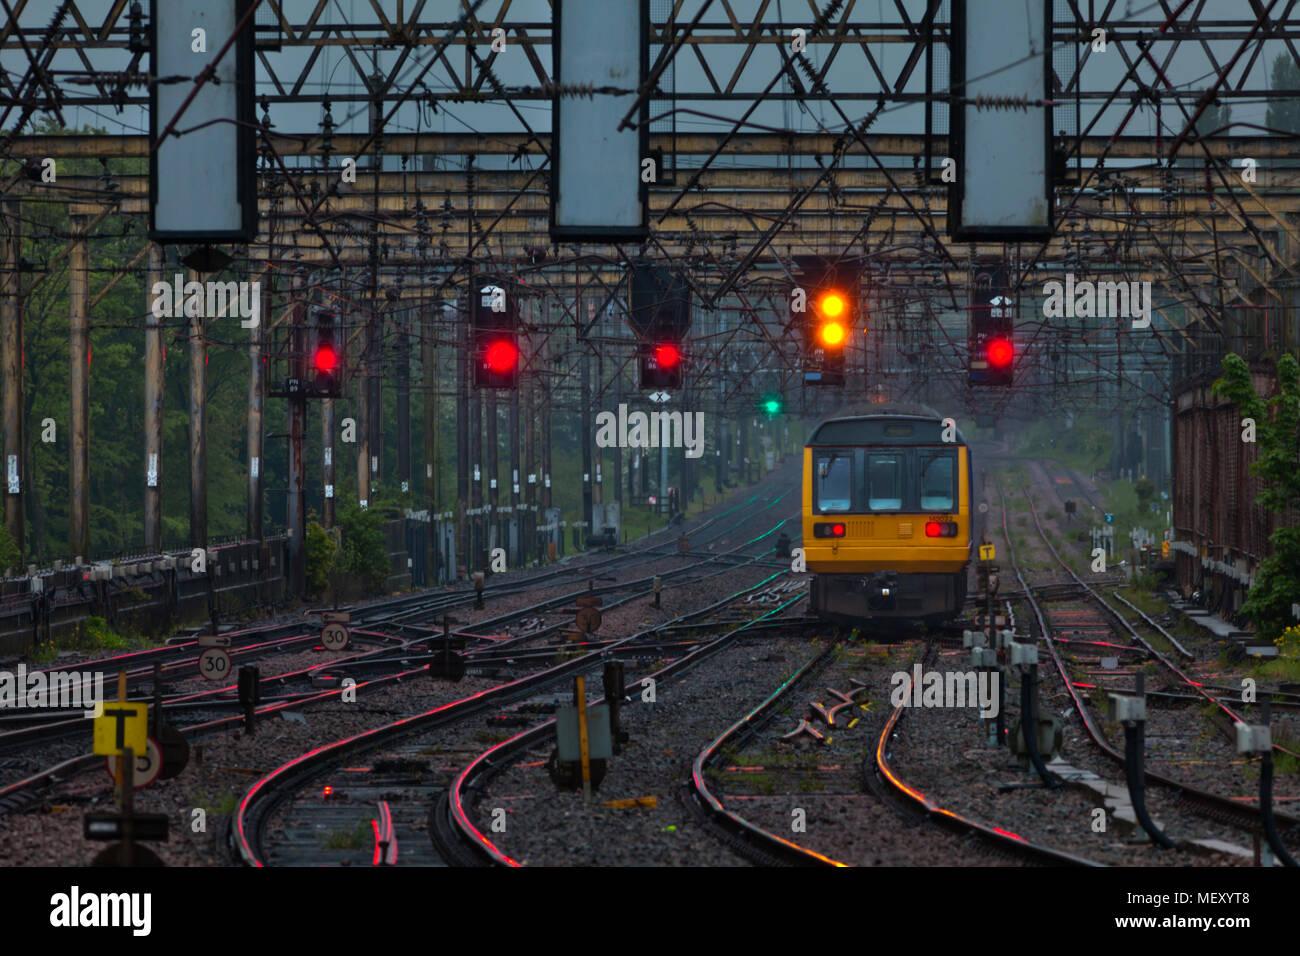 Colour Light Signalling Stock Photos & Colour Light Signalling Stock ...